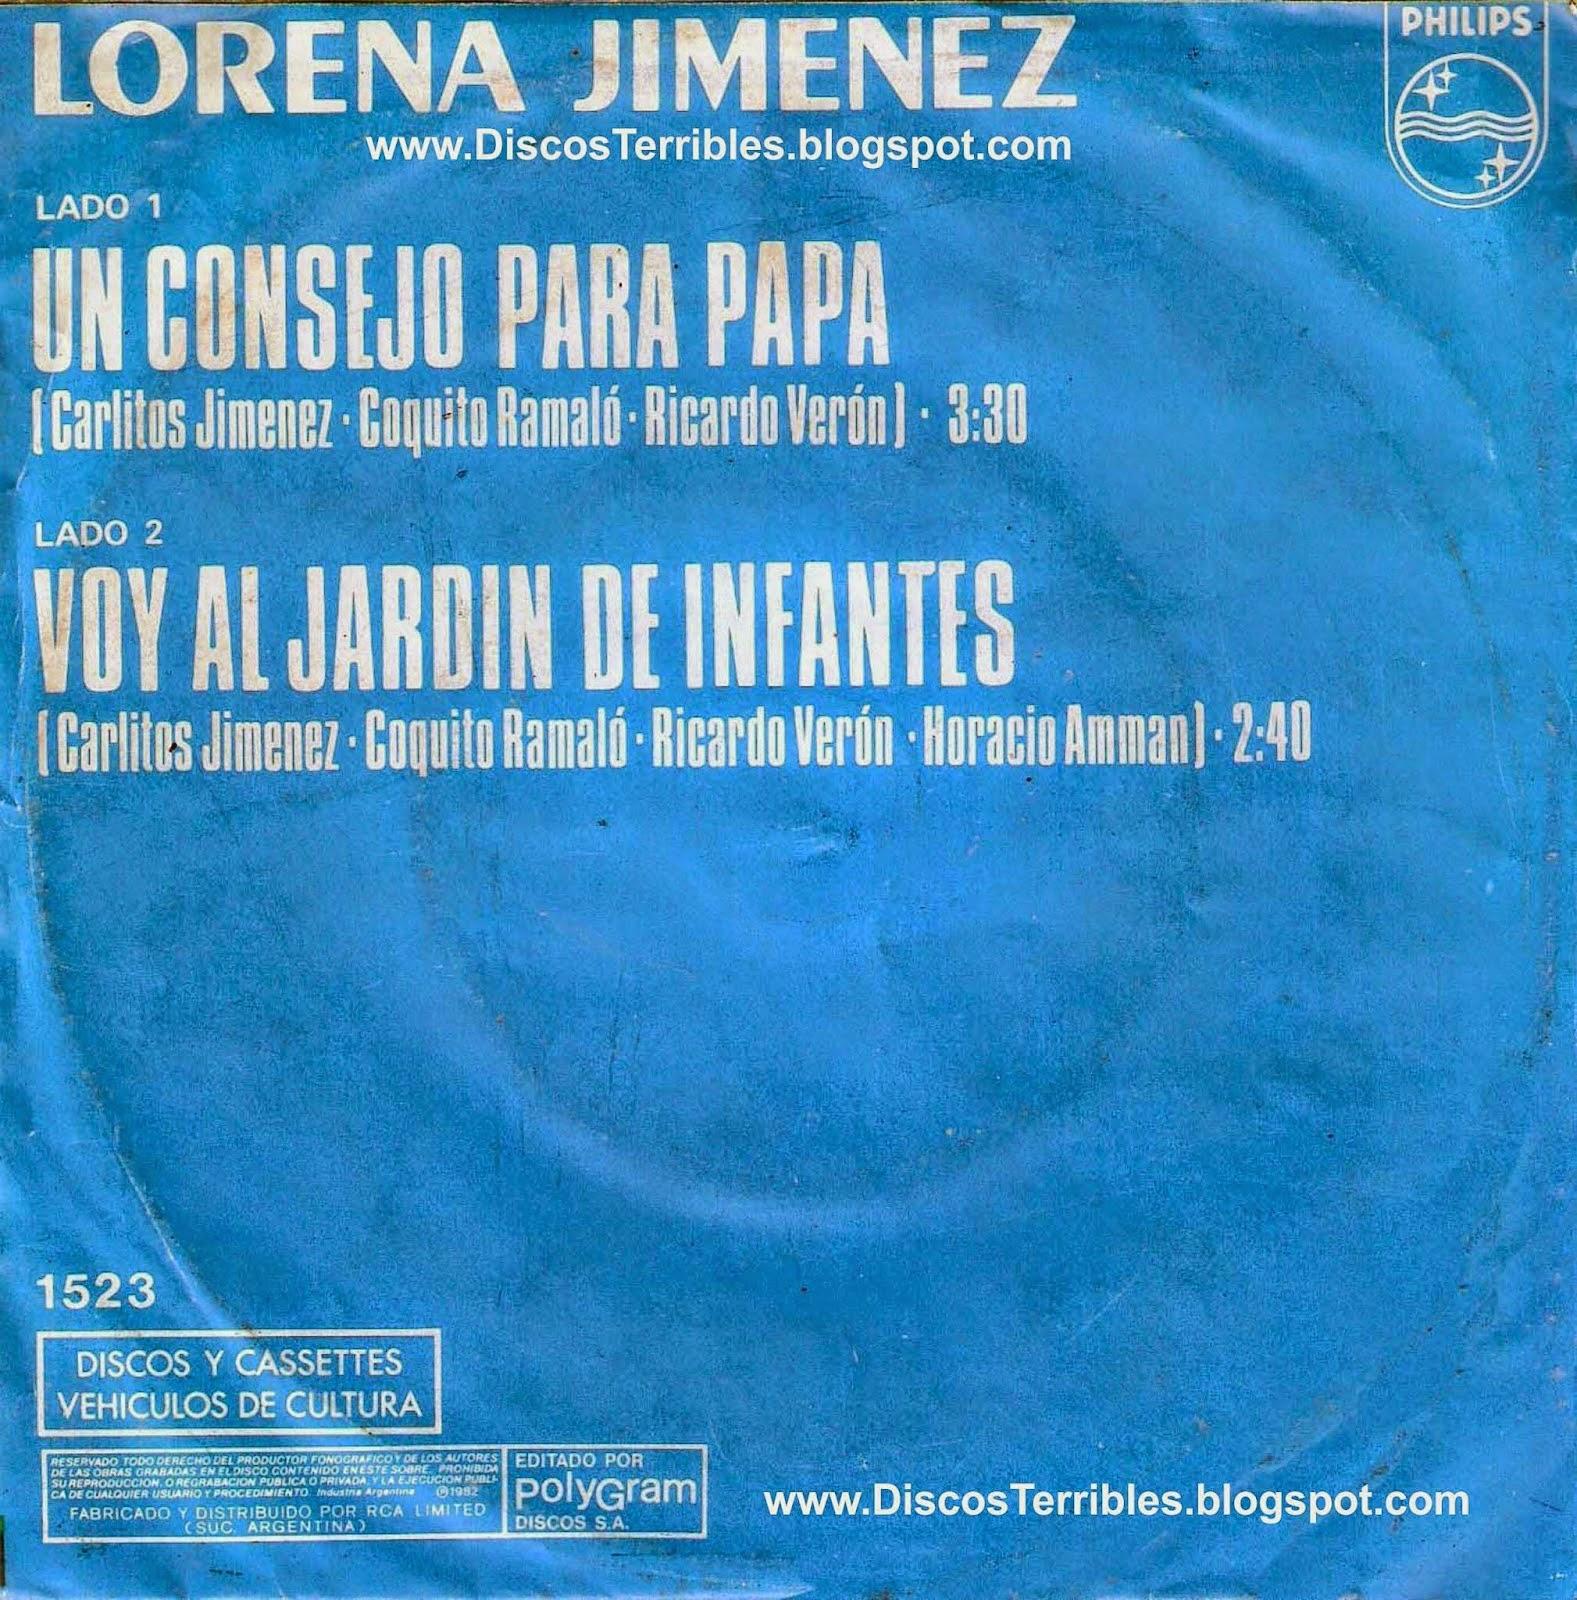 lorena jimenez canciones para papa